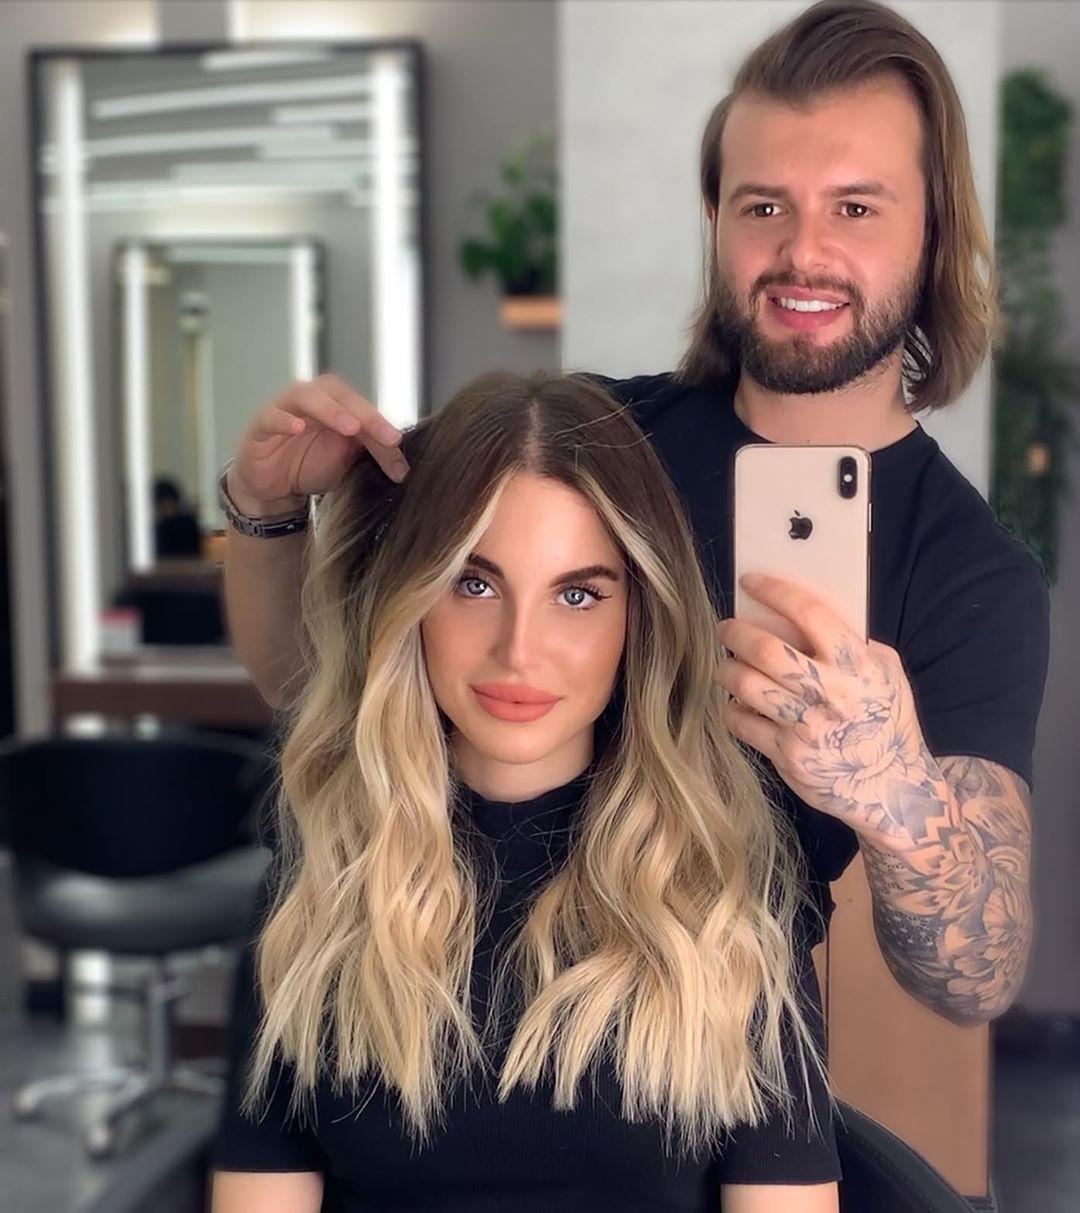 Blonde Hair By Me 🤩 . . . Orkunbaykut Hairgoals - Hair Video